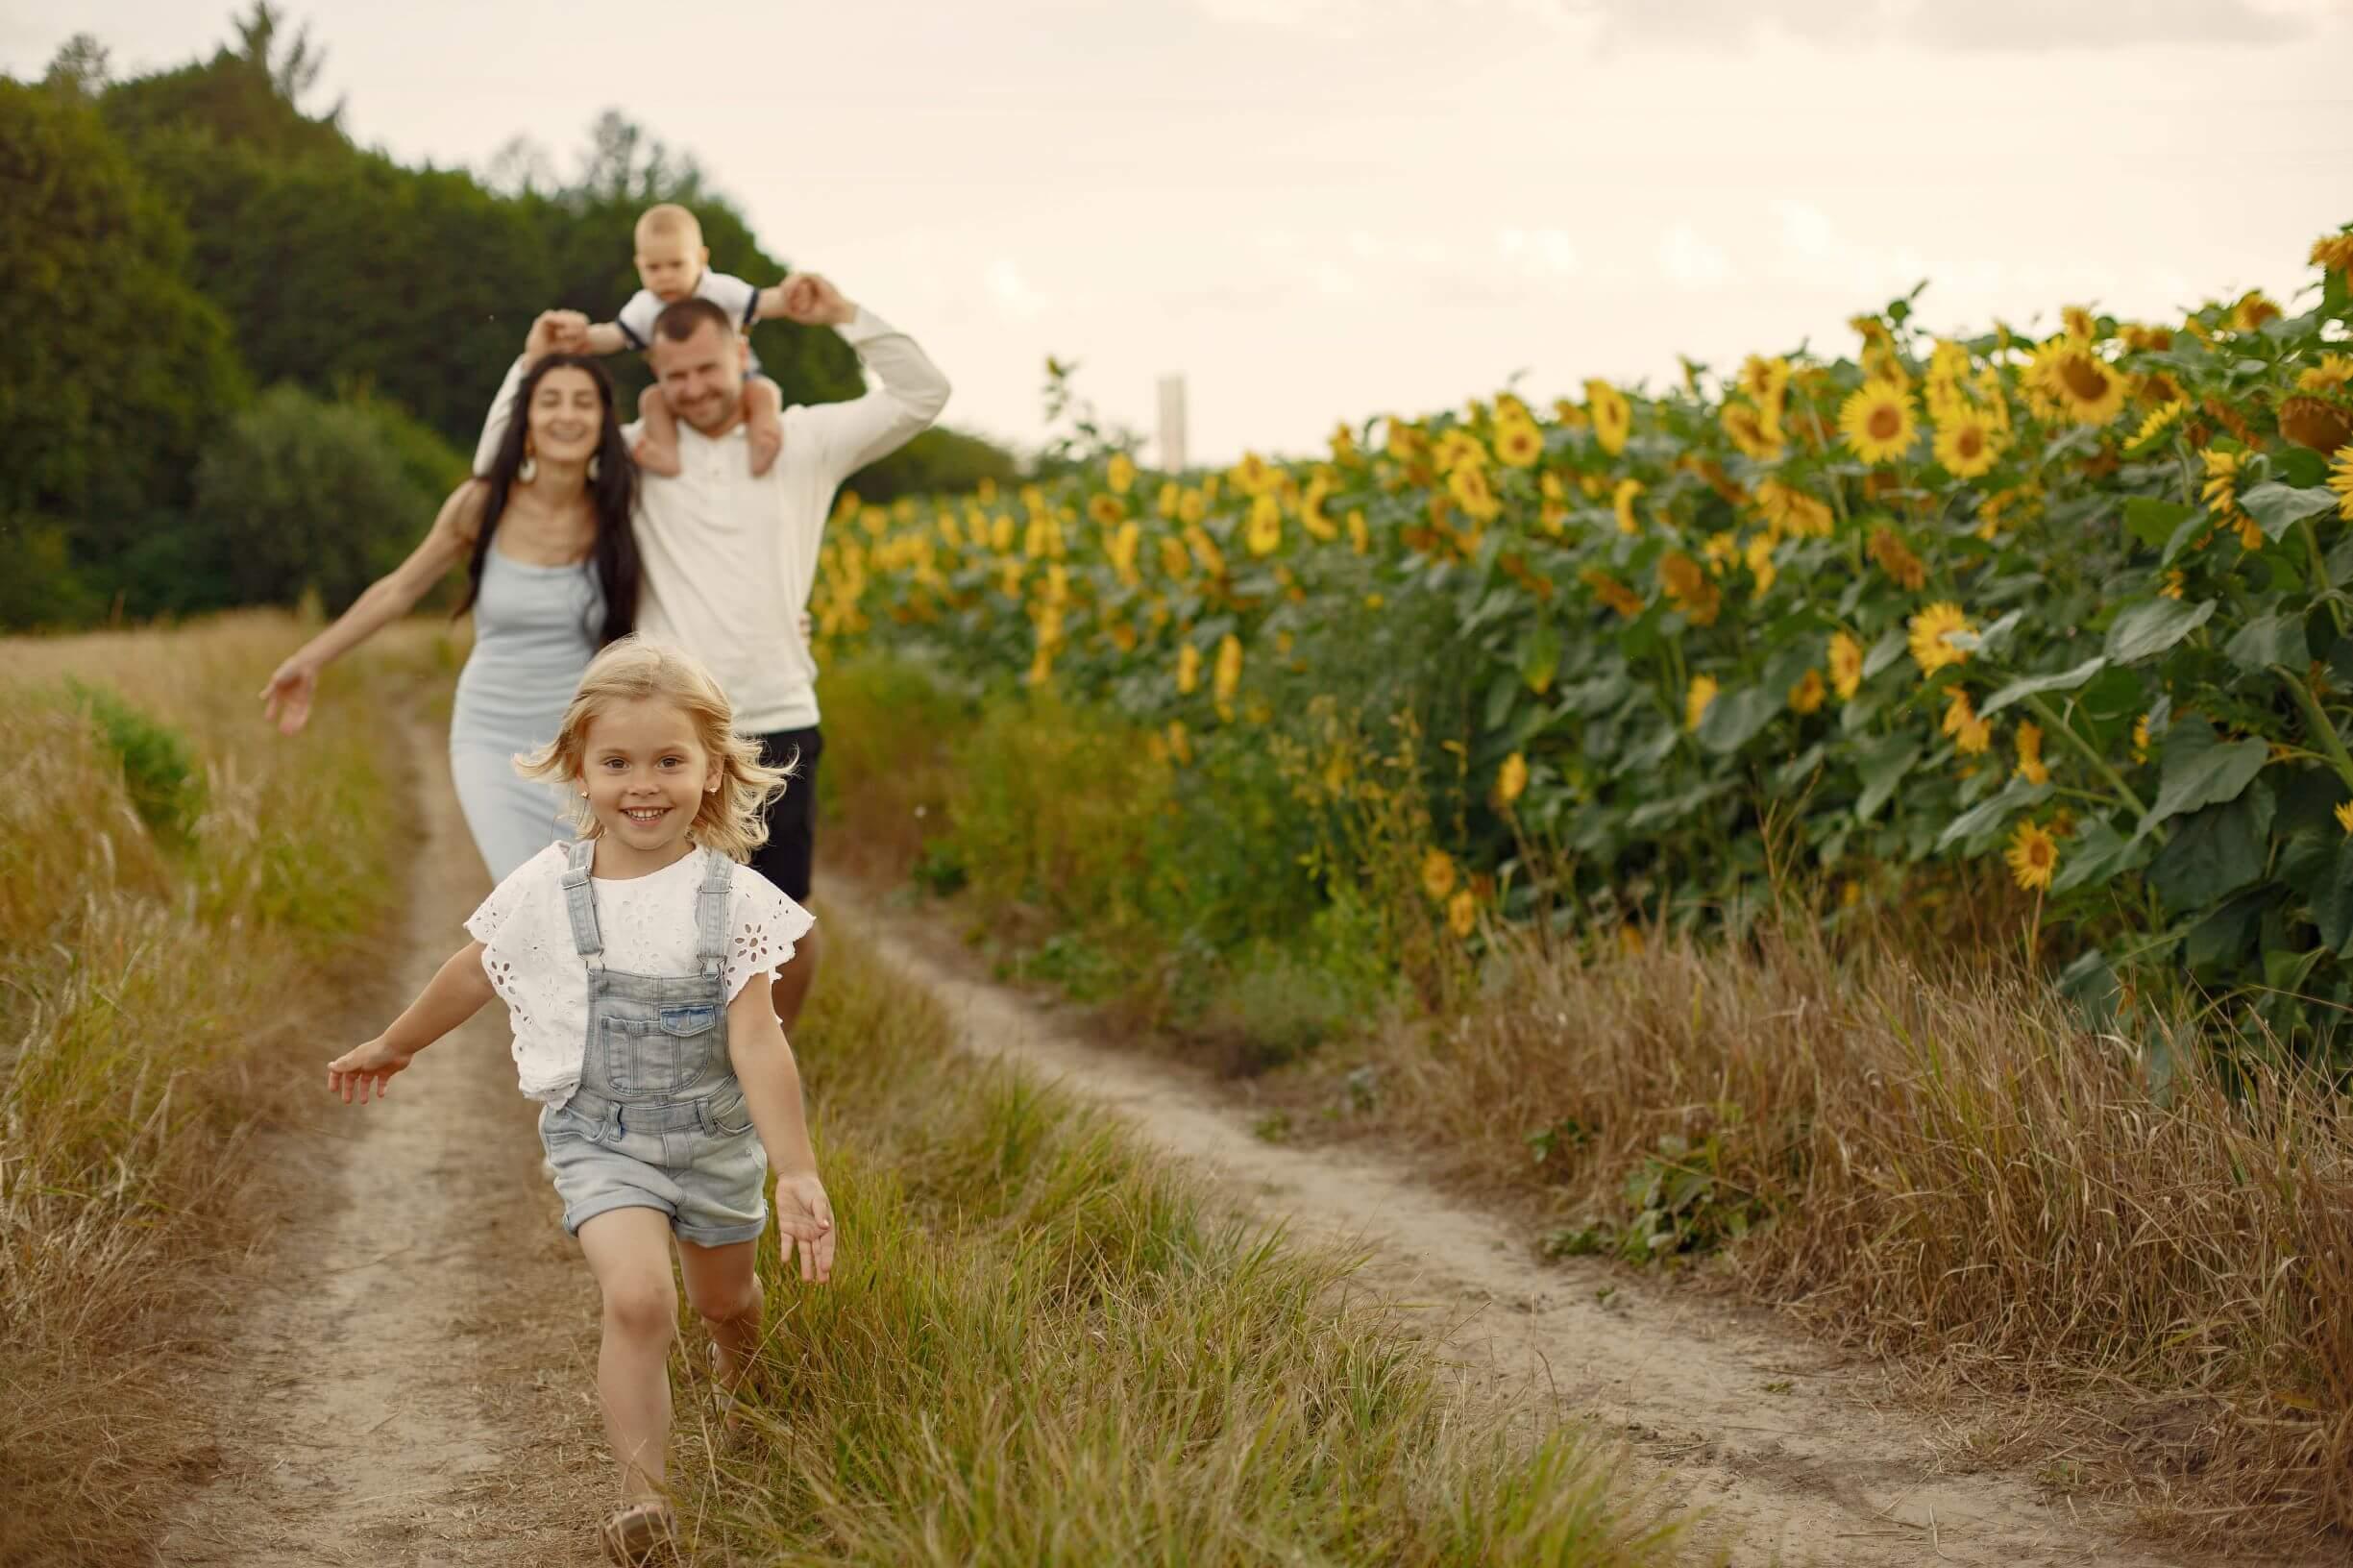 Septiņas atpūtas vietas, kur pavadīt laiku ar ģimeni